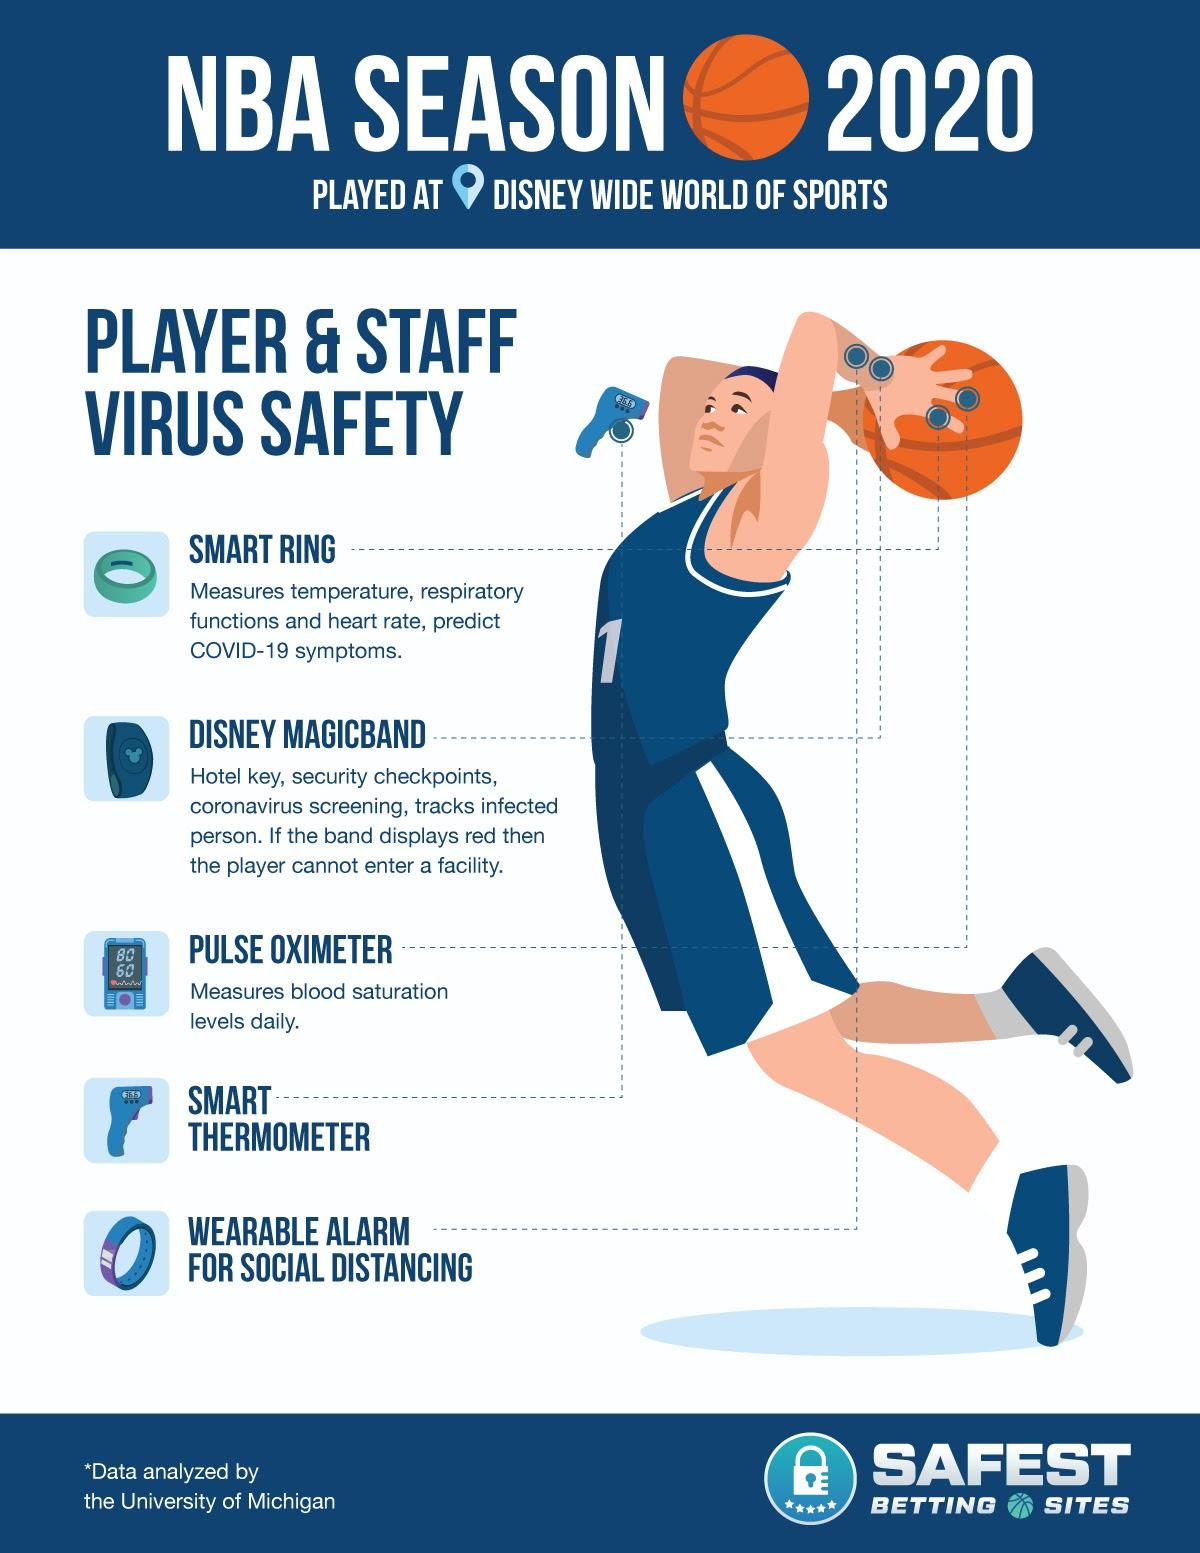 NBA Season 2020 Player Safety Protocols